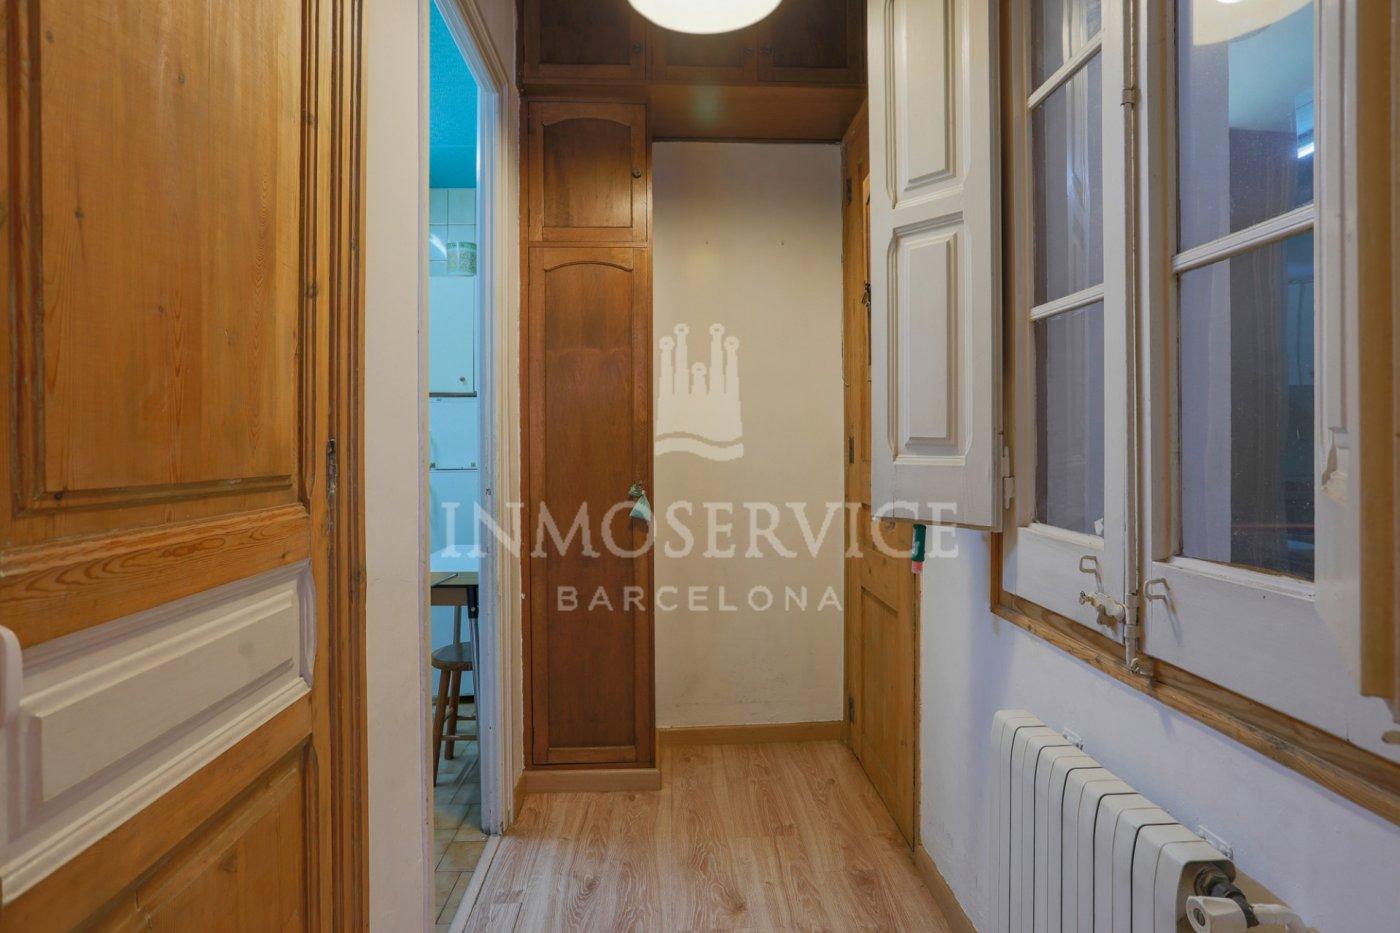 Piso en venta en Sagrada Familia, Barcelona